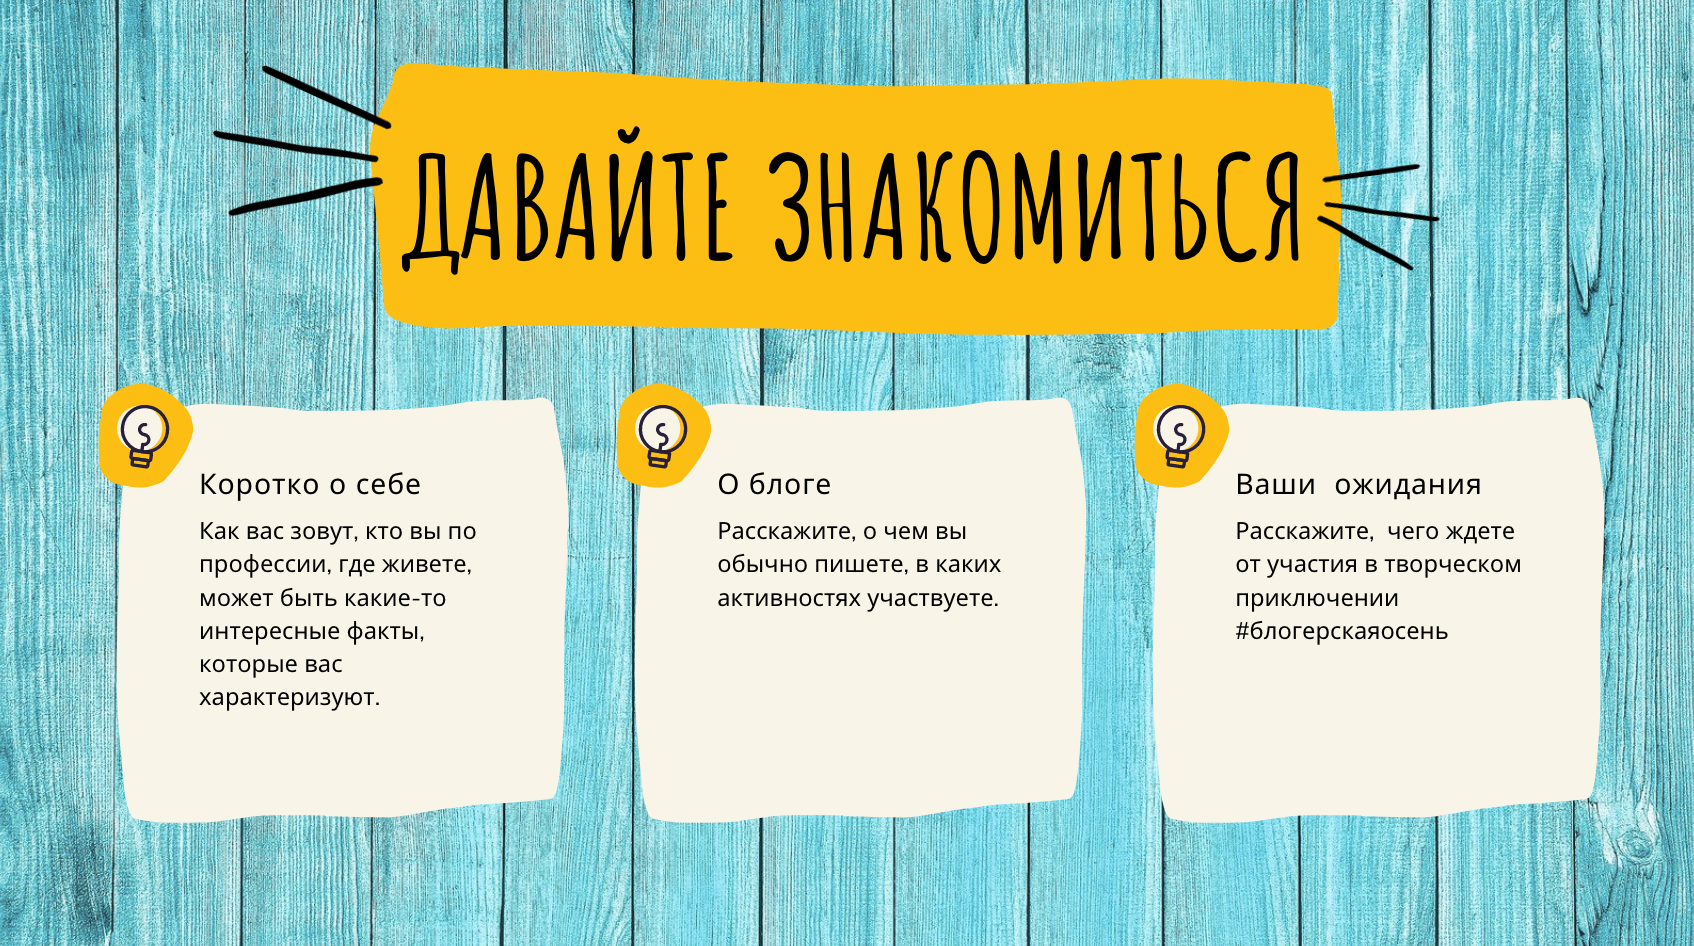 Как представиться в марафоне #блогерскаясень